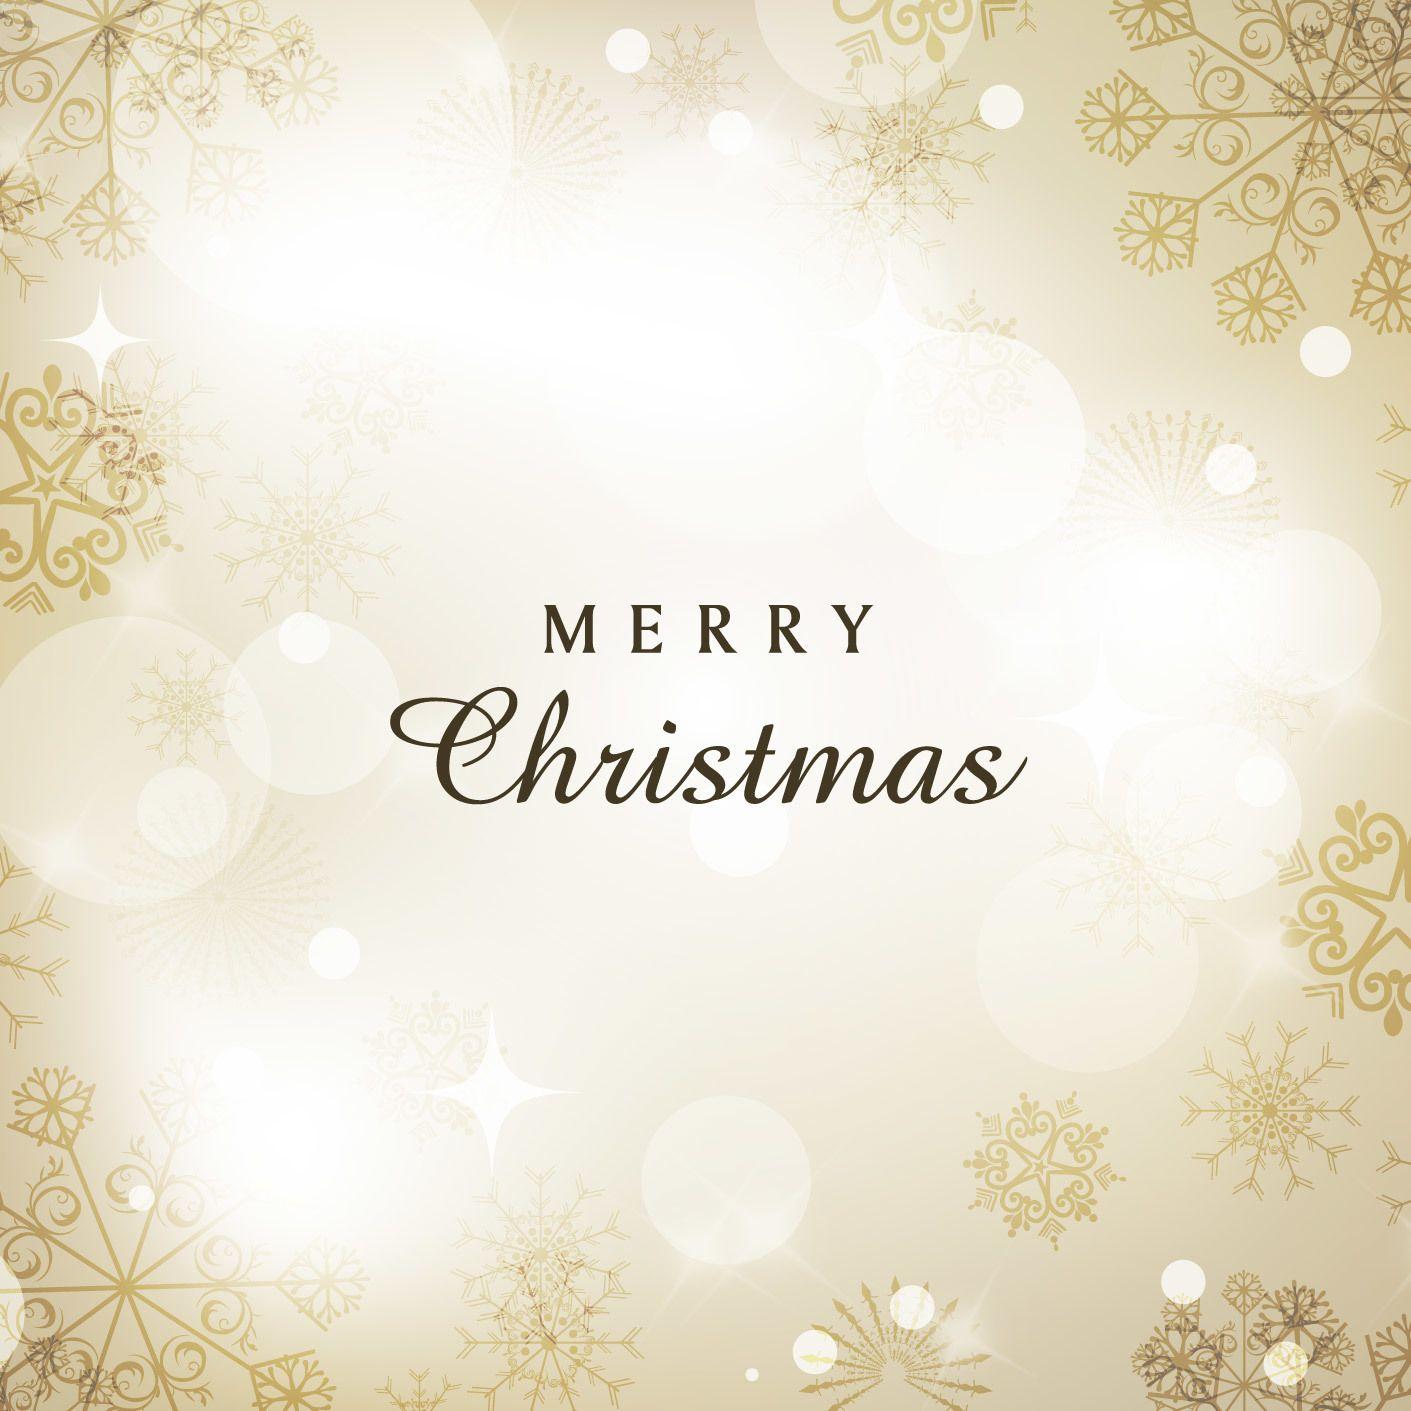 Elegante fondo de navidad con copos de nieve descargar - Tarjetas de navidad elegantes ...